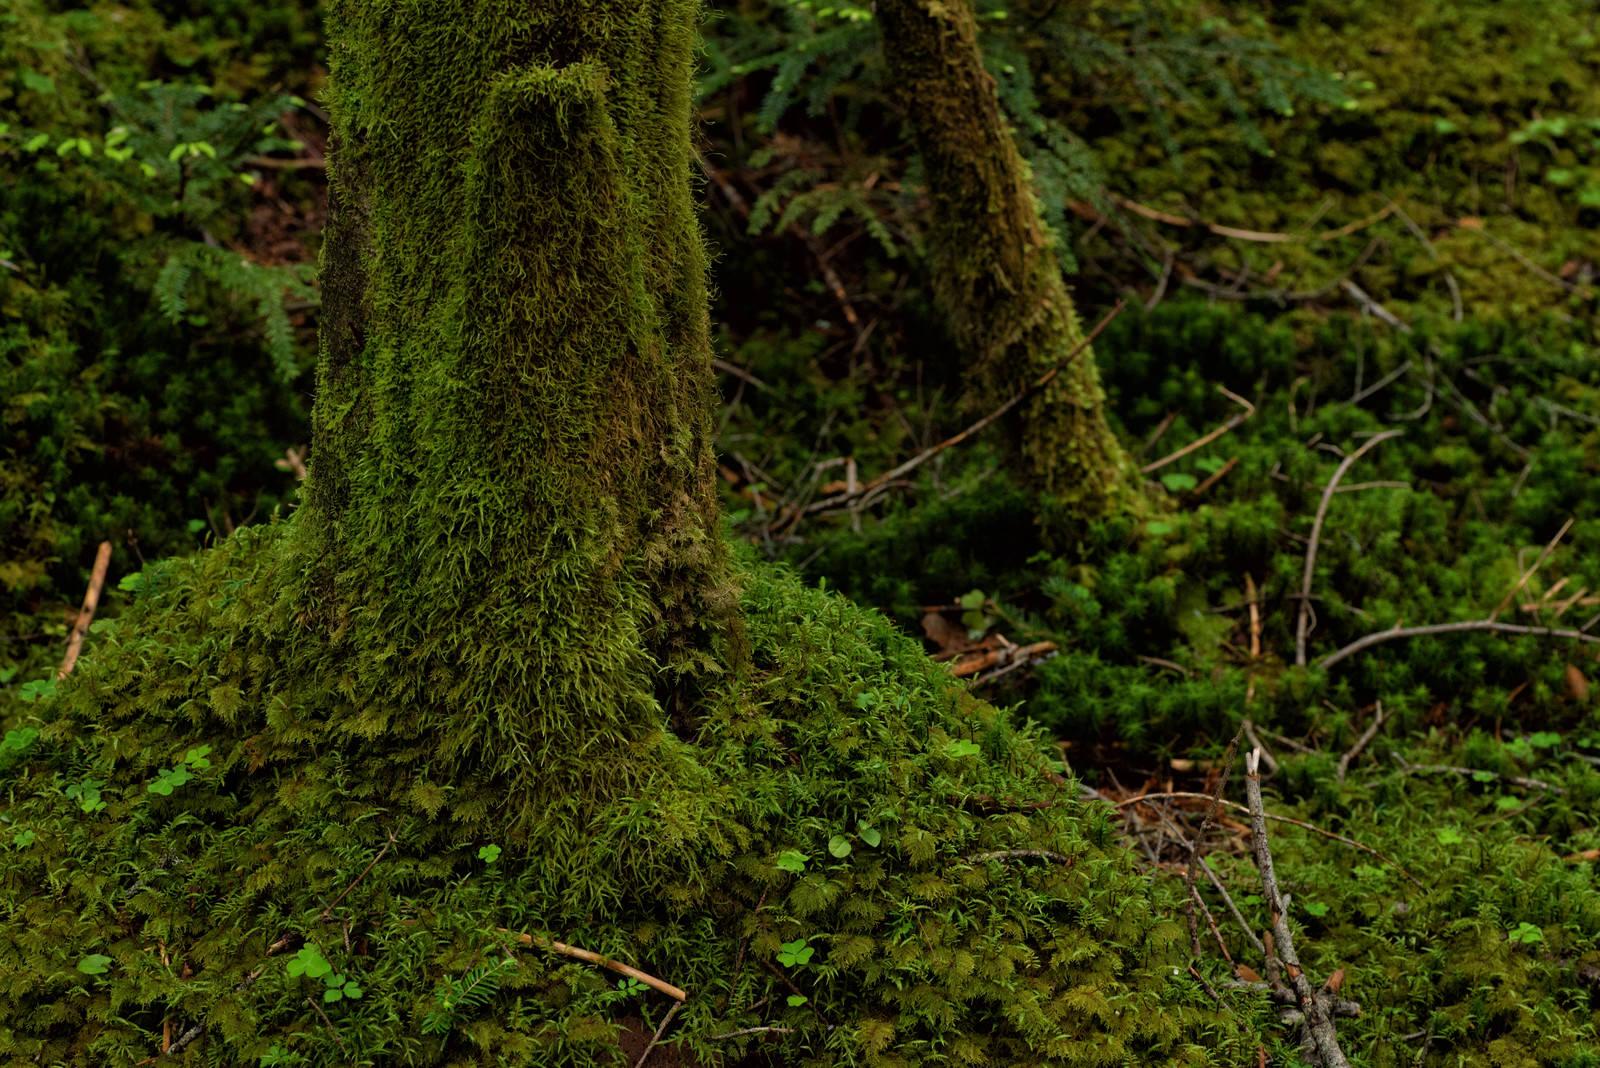 「苔生した木々と地面」の写真